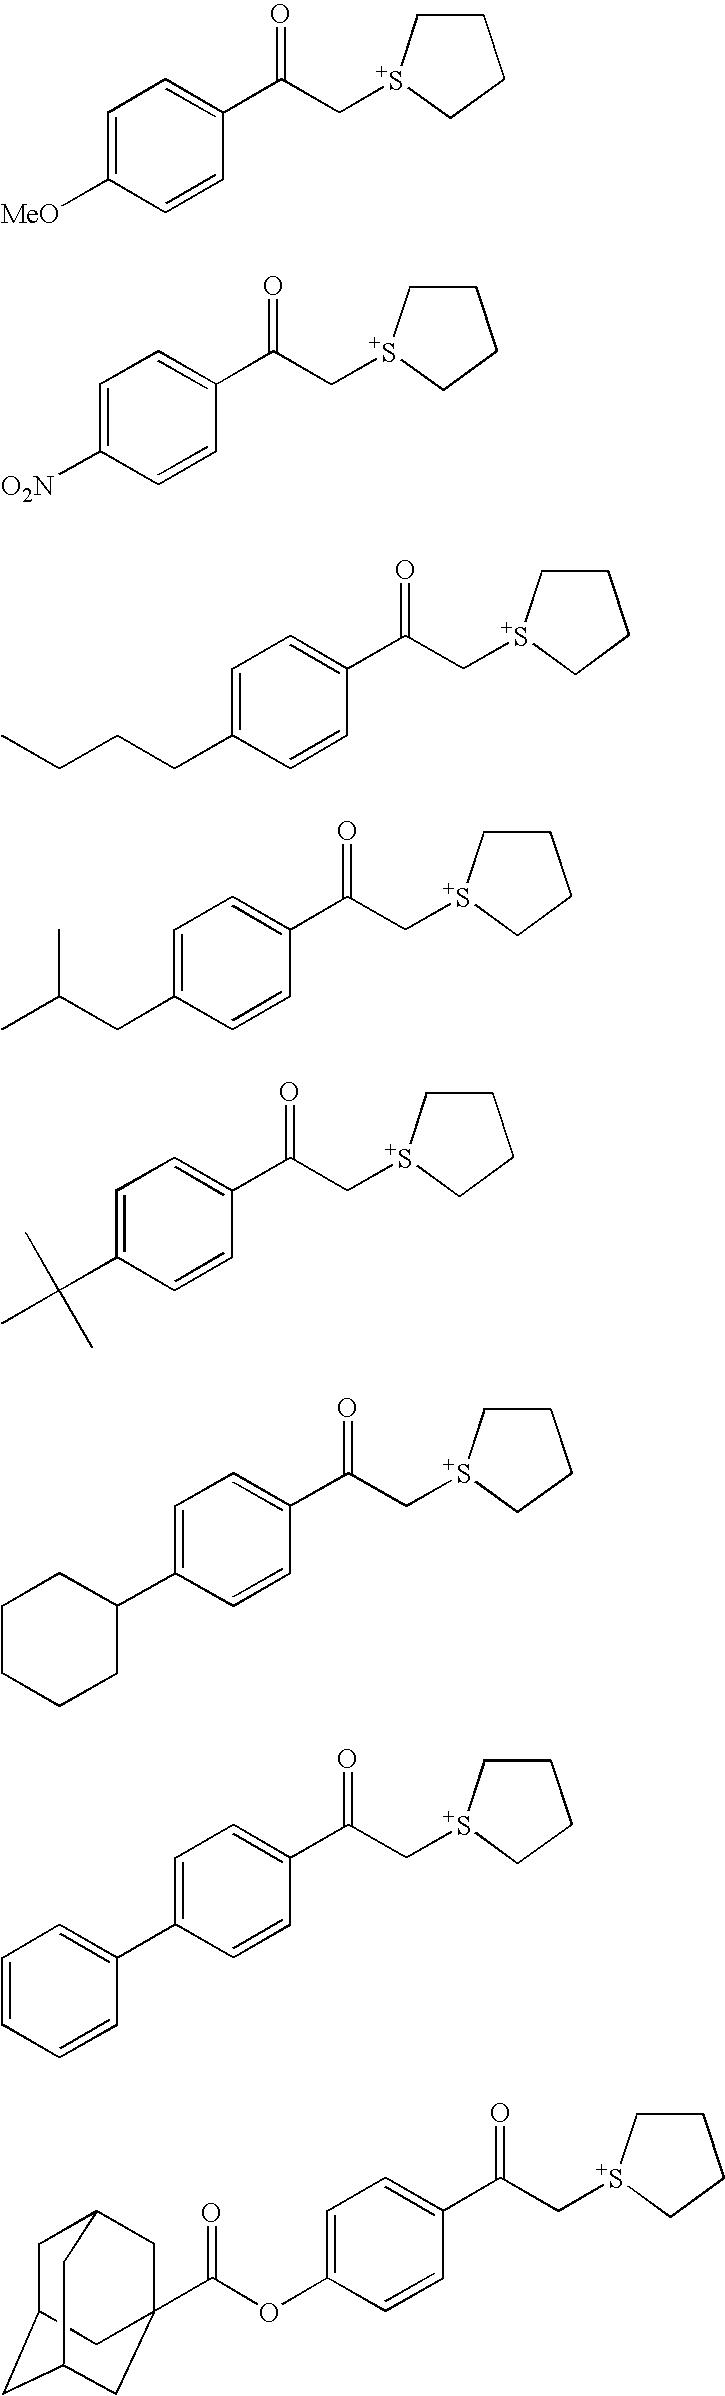 Figure US20060194982A1-20060831-C00020